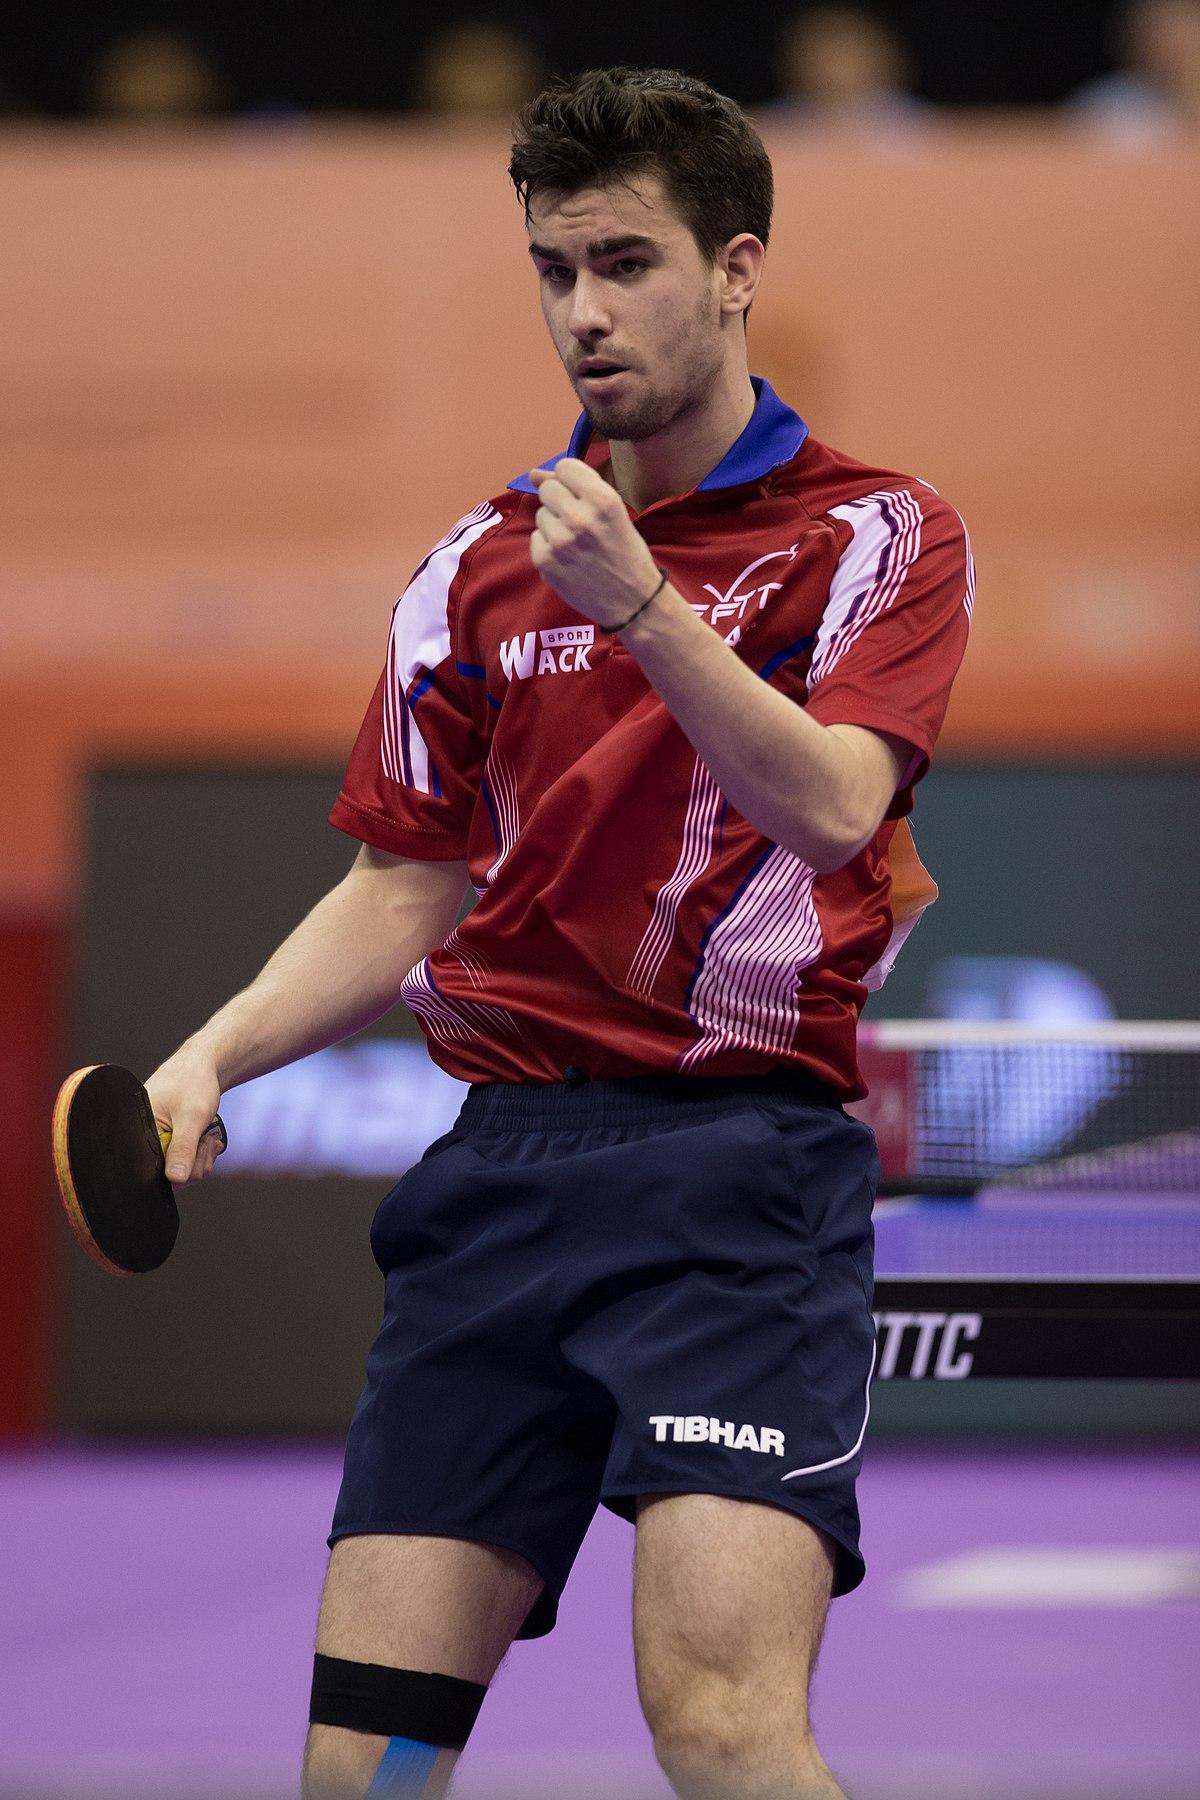 Tristan Flore